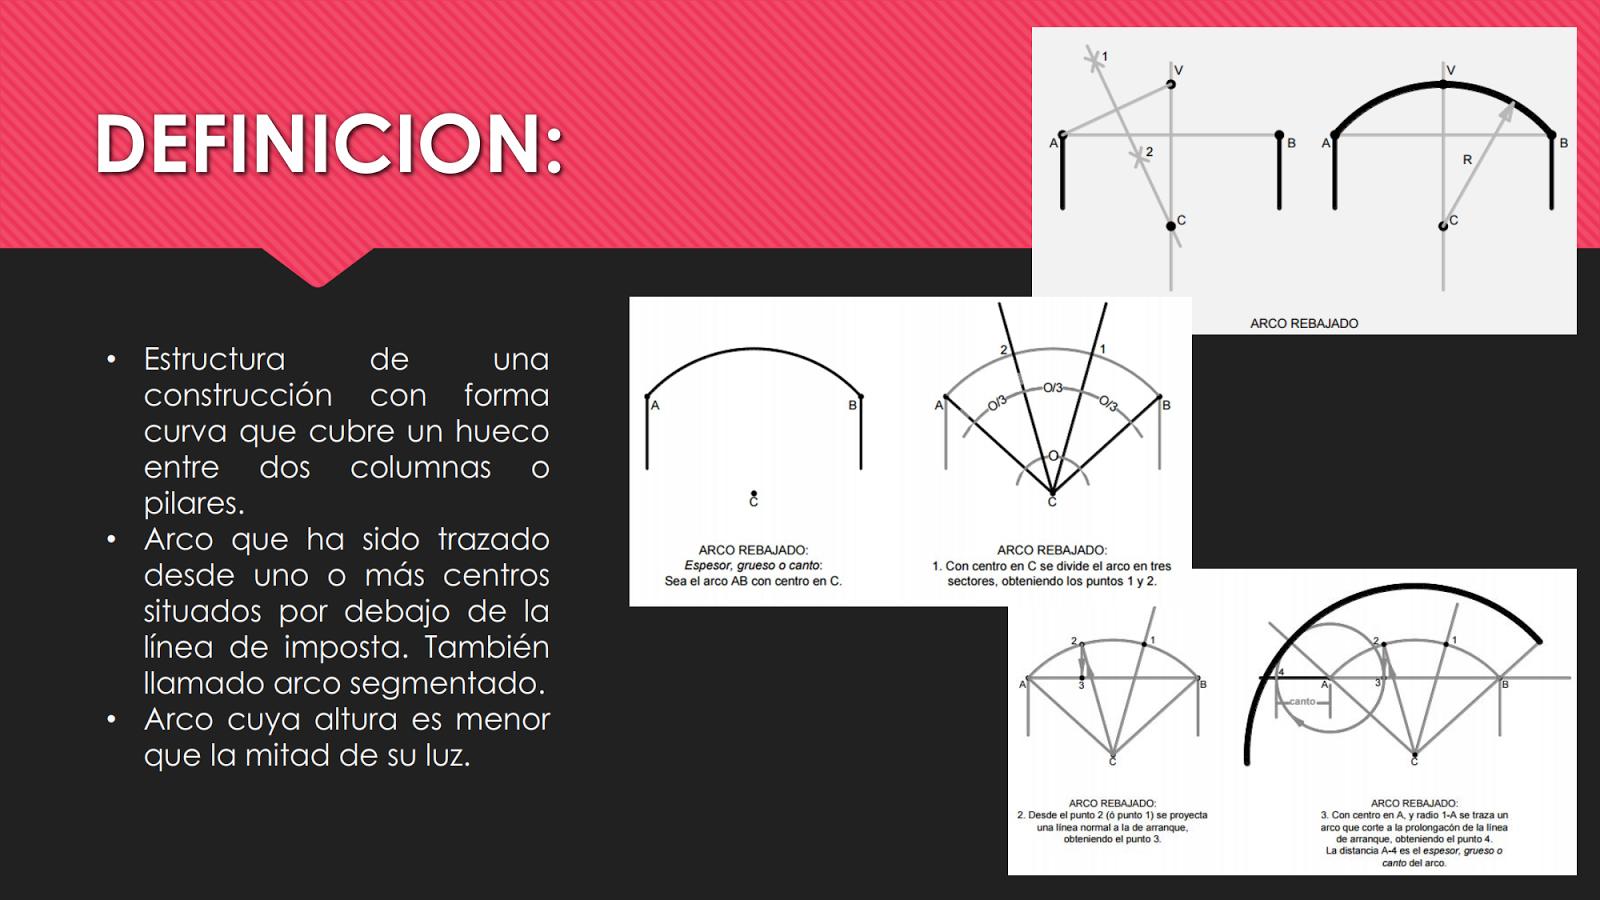 Apuntes revista digital de arquitectura estructuras a for Cual es el significado de arquitectura